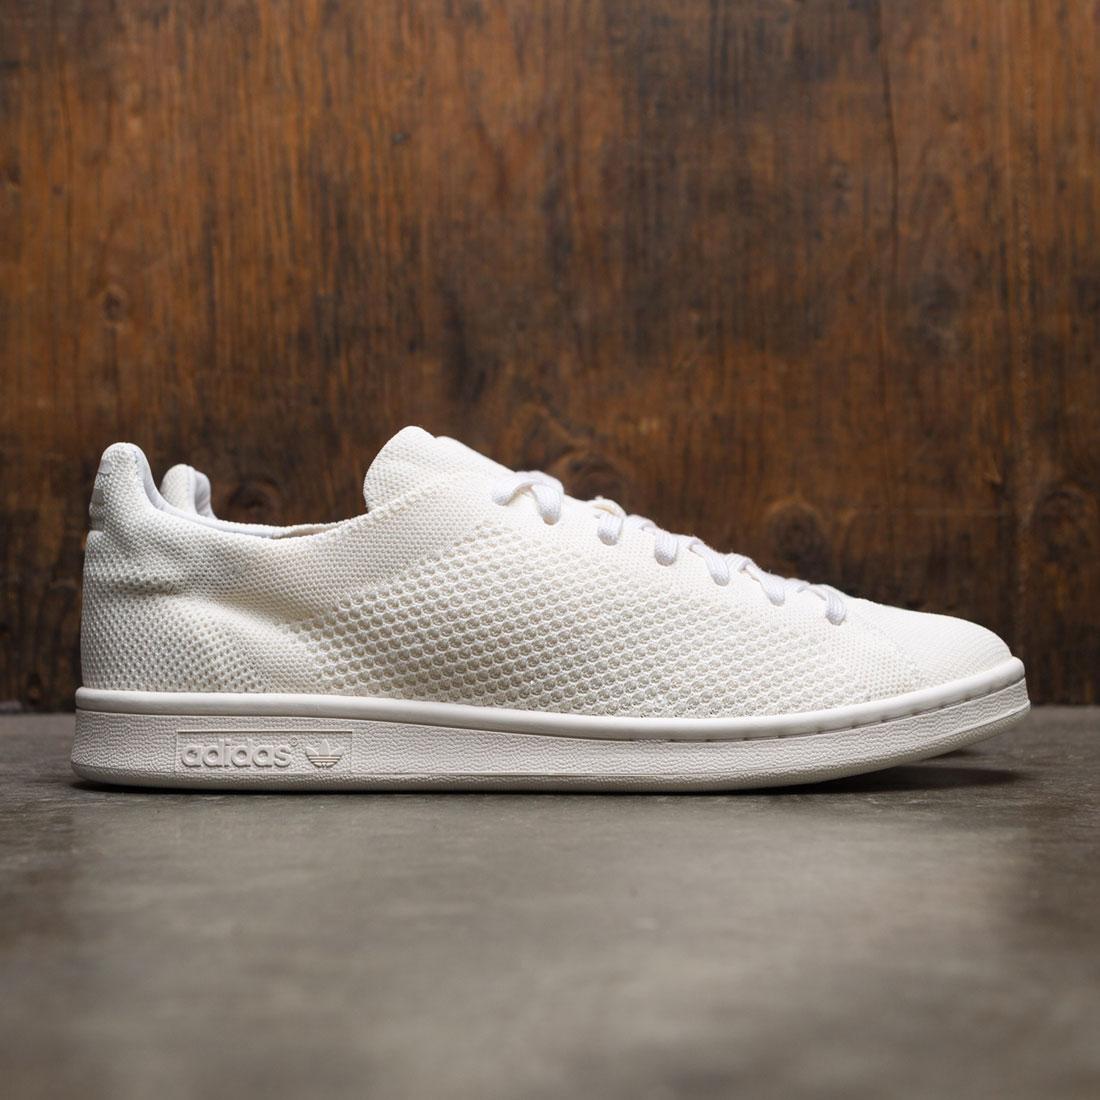 【海外限定】アディダス クリーム 白 ホワイト メンズ靴 靴 【 ADIDAS WHITE X PHARRELL WILLIAMS MEN HU HOLI STAN SMITH BC CREAM FOOTWEAR 】